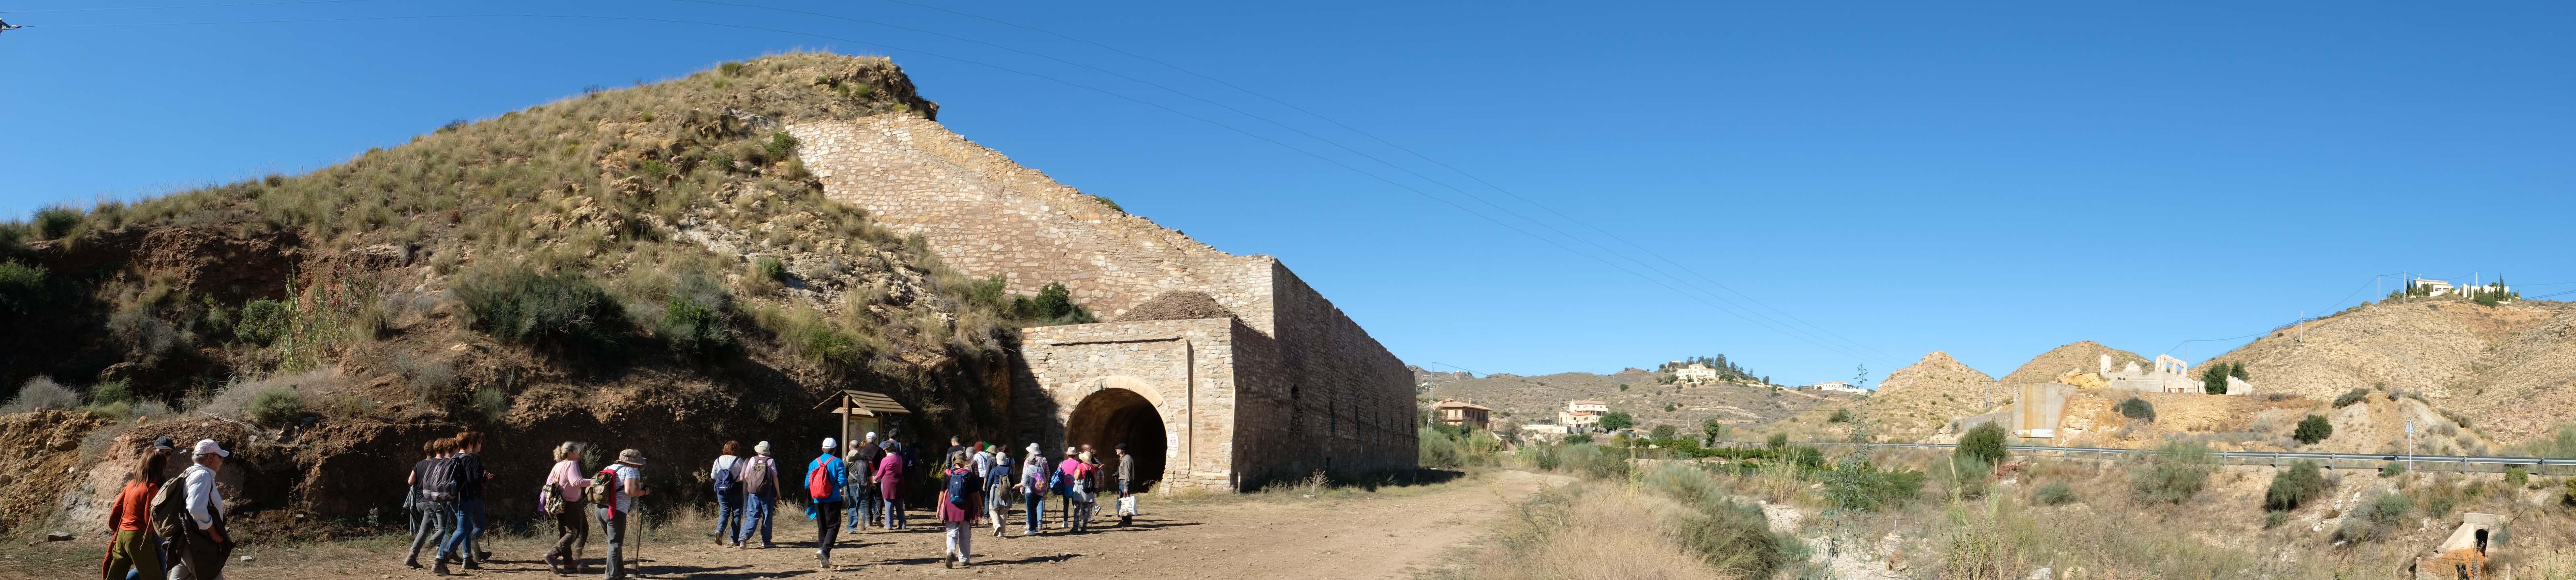 Cargadero de Tres Amigos, punto de partida del antiguo ferrocarril de vía estrecha Bédar – Garrucha © Fotografía: Paco Bonilla